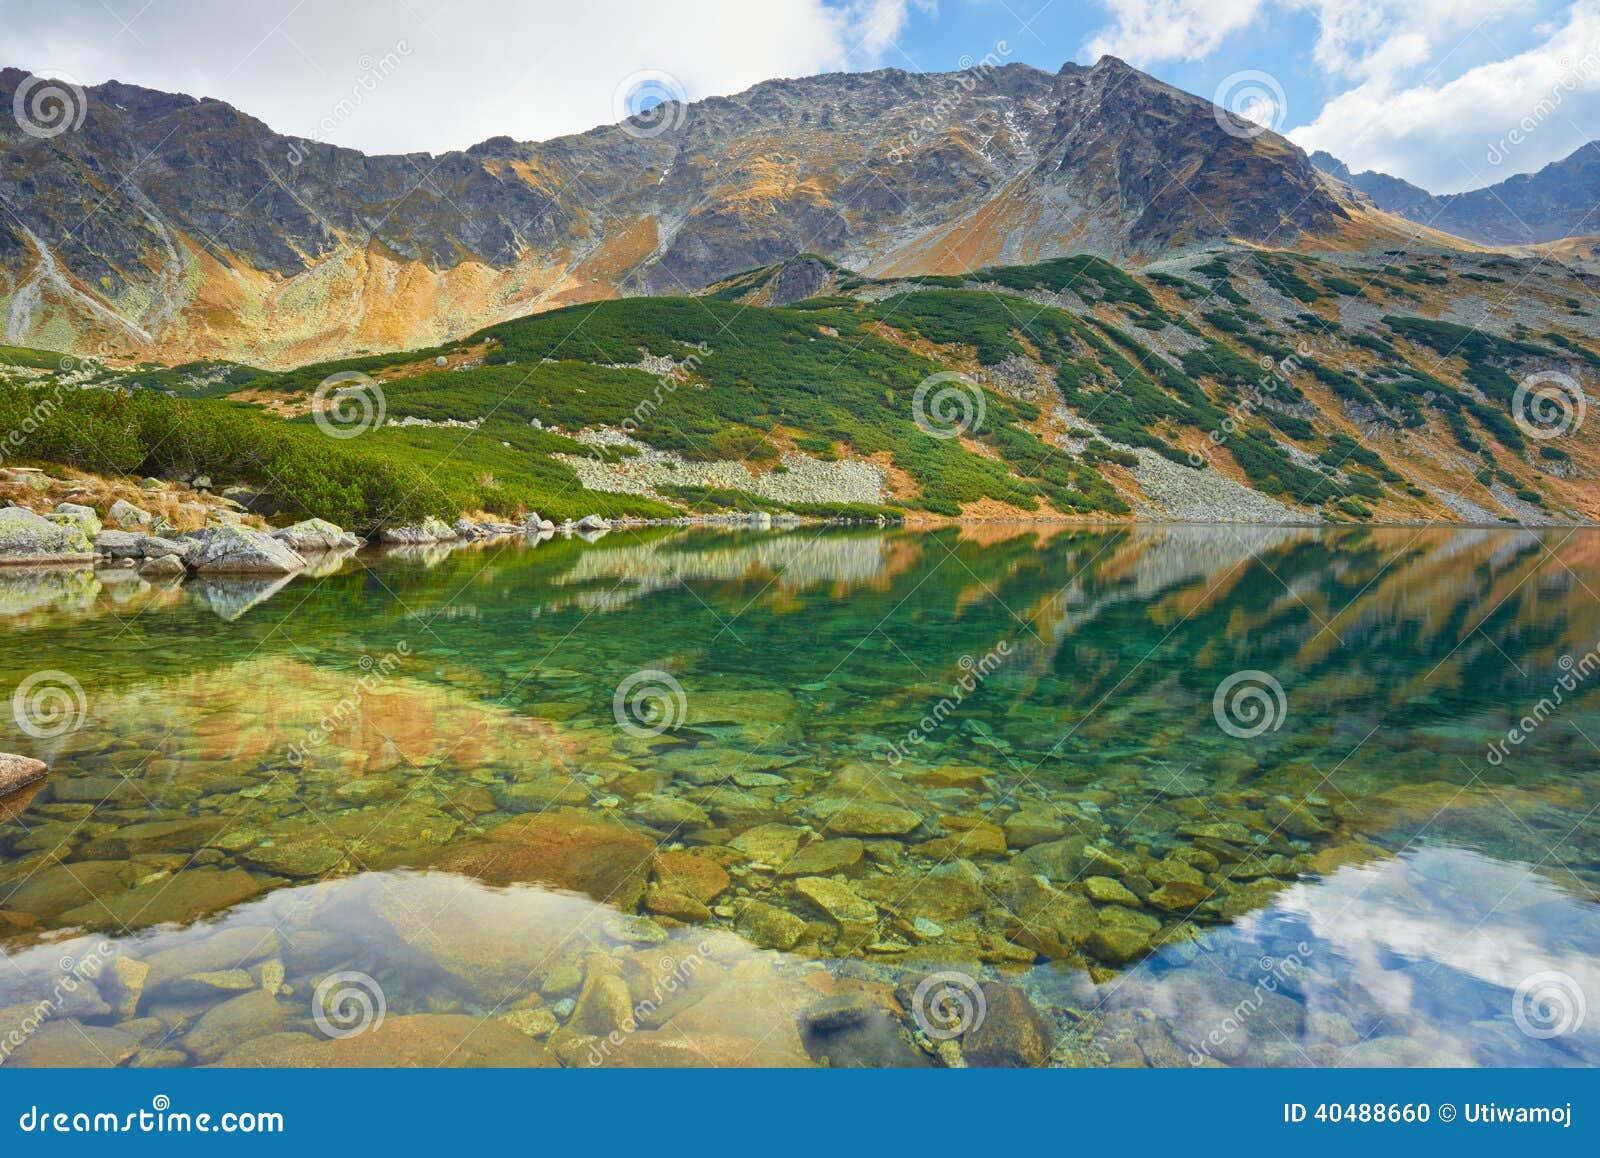 高欧洲山 五个波兰池塘谷